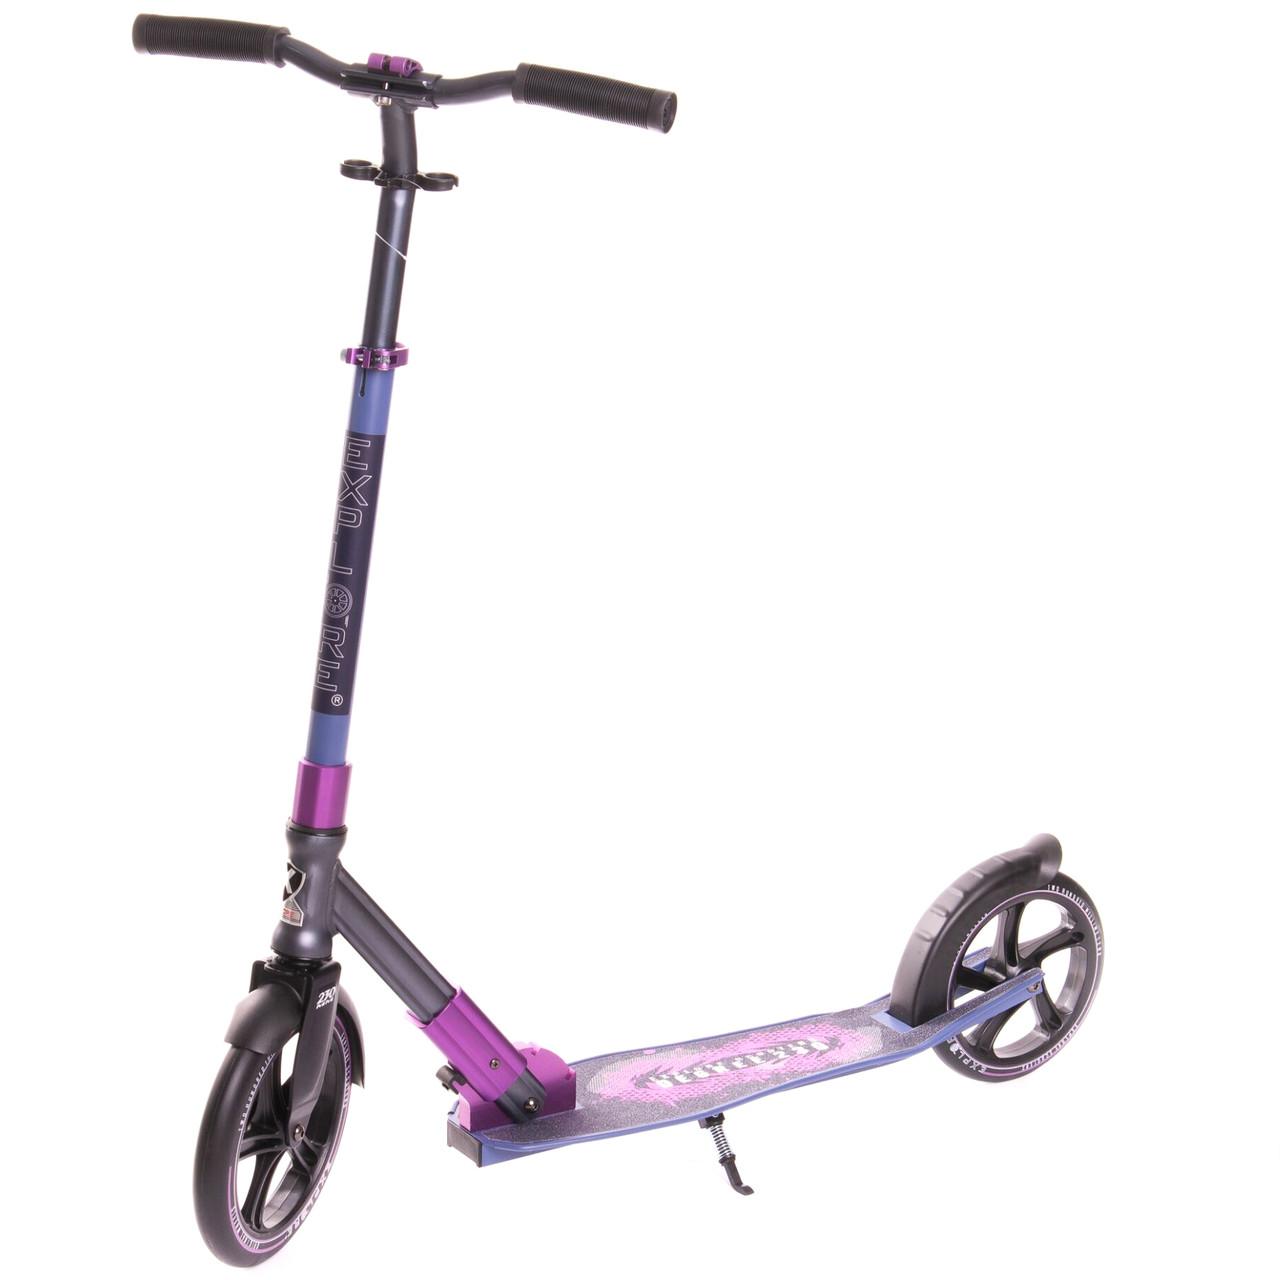 """Двухколёсный самокат Explore """"Degree 230"""" алюминиевый с ножкой, Фиолетовый"""